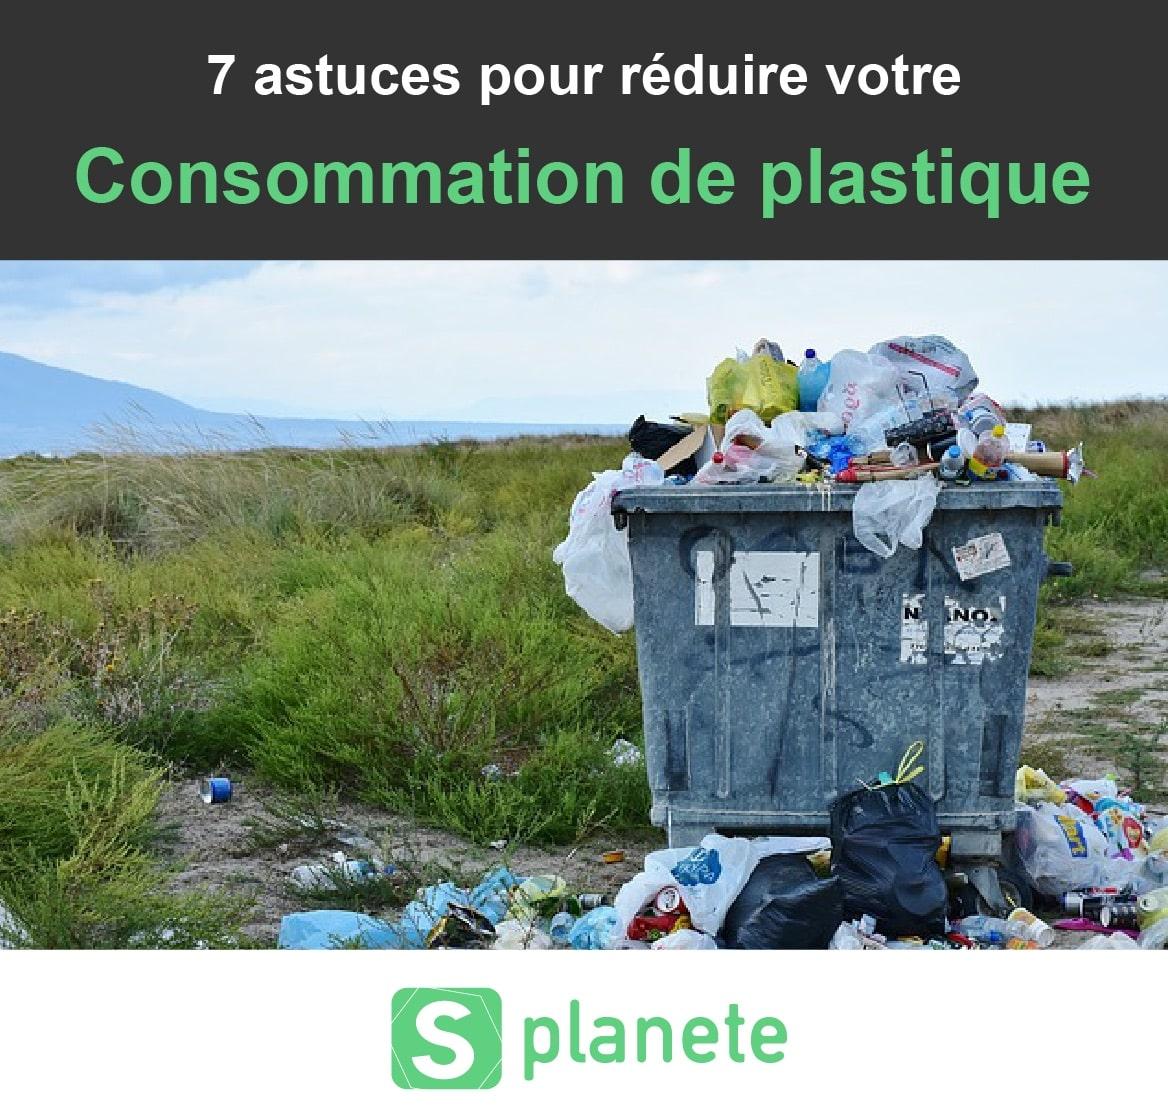 Comment réduire sa consommation de plastique